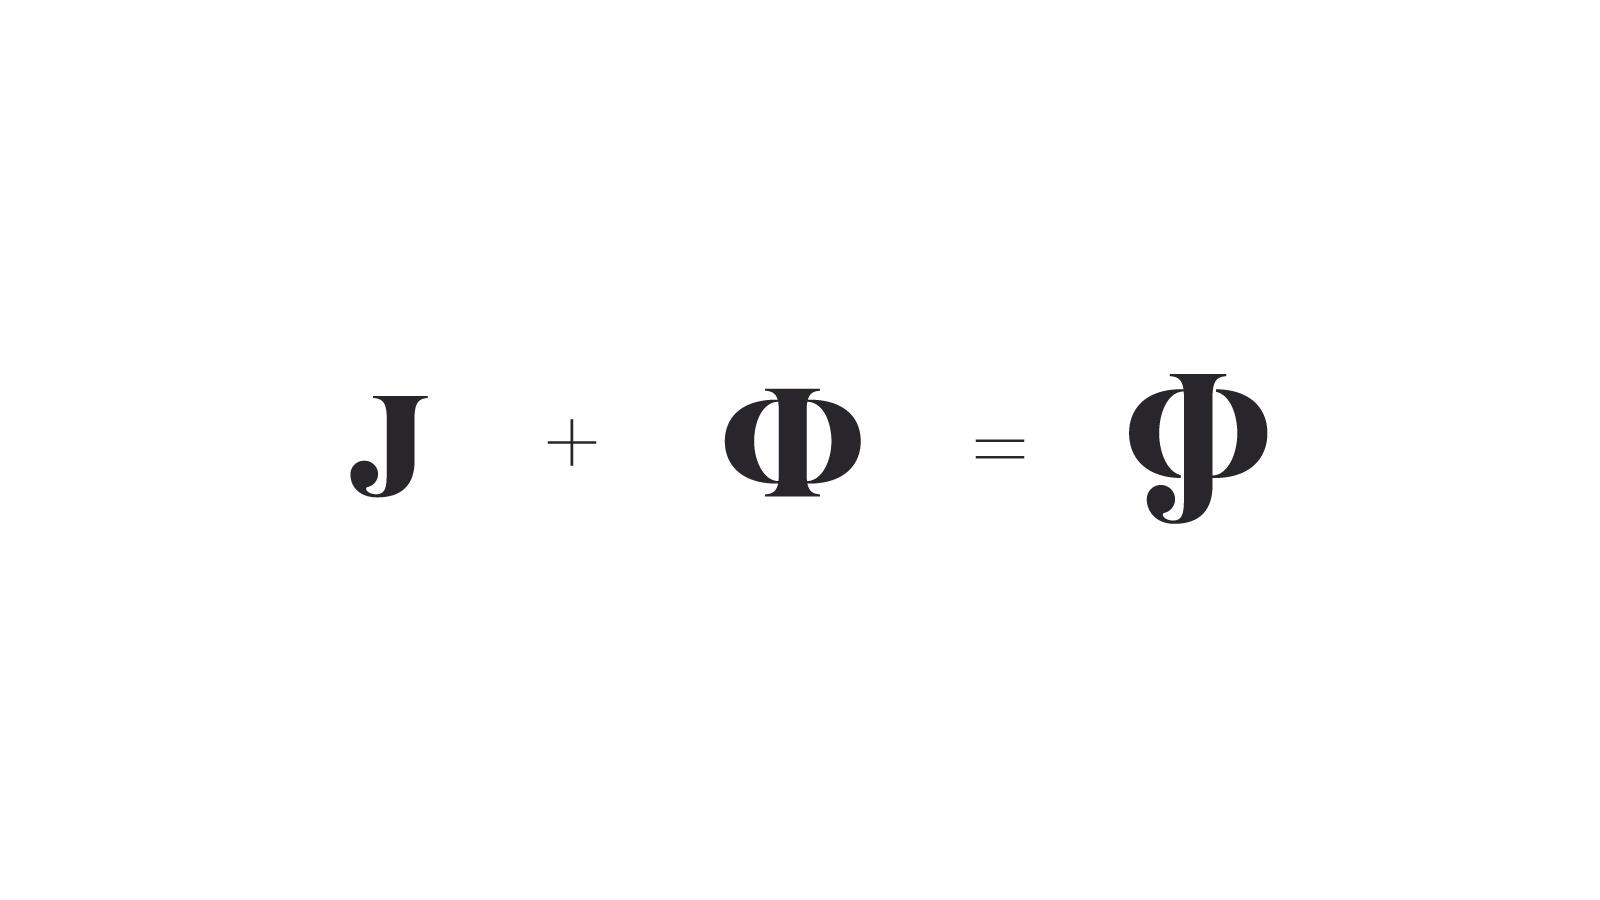 Обновленный лаконичный дизайн логотипа сочетает в едином знаке заглавные буквы имен двух ключевых героев: Джона (J) и Фёдора (Ф).